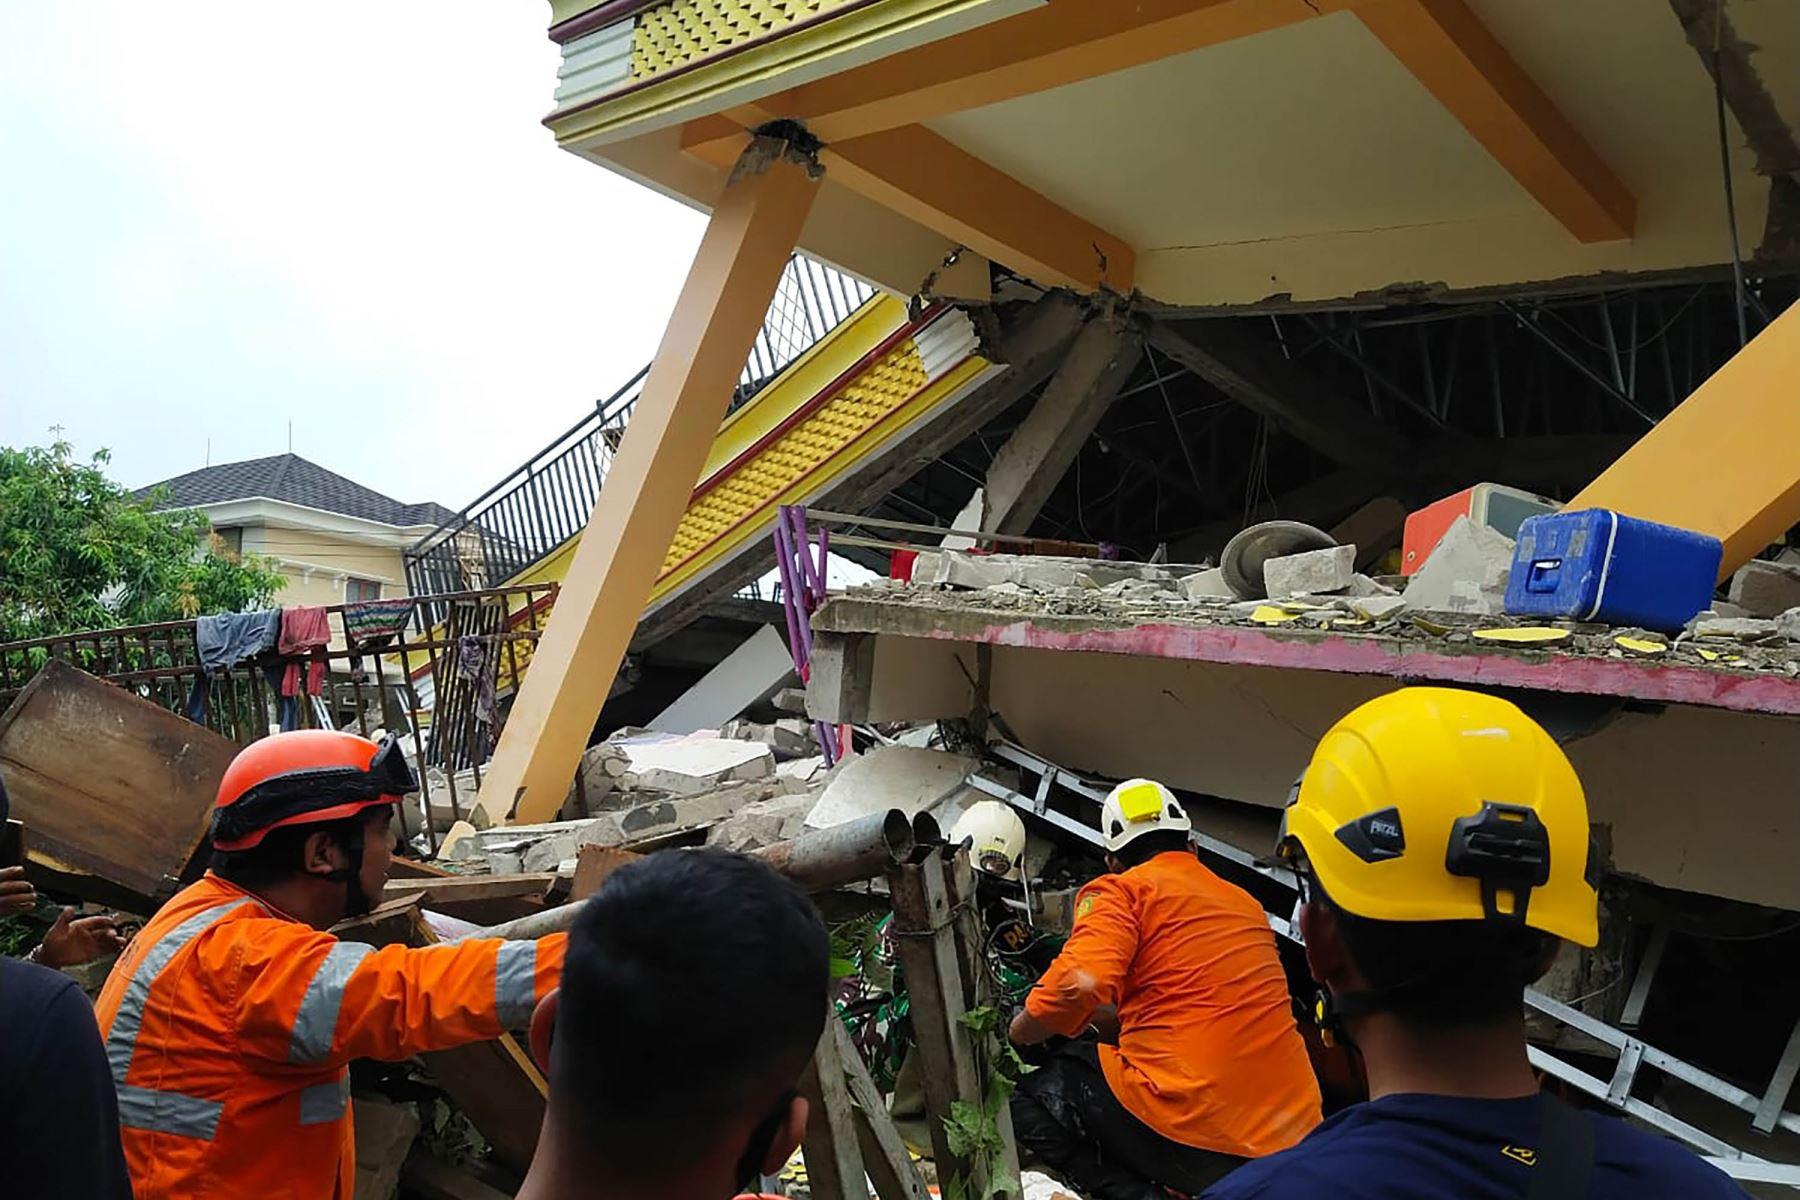 Rescatistas buscan sobrevivientes atrapados en un edificio derrumbado en Mamuju, después de que un terremoto de magnitud 6.2 sacudiera la isla de Sulawesi. Foto: AFP